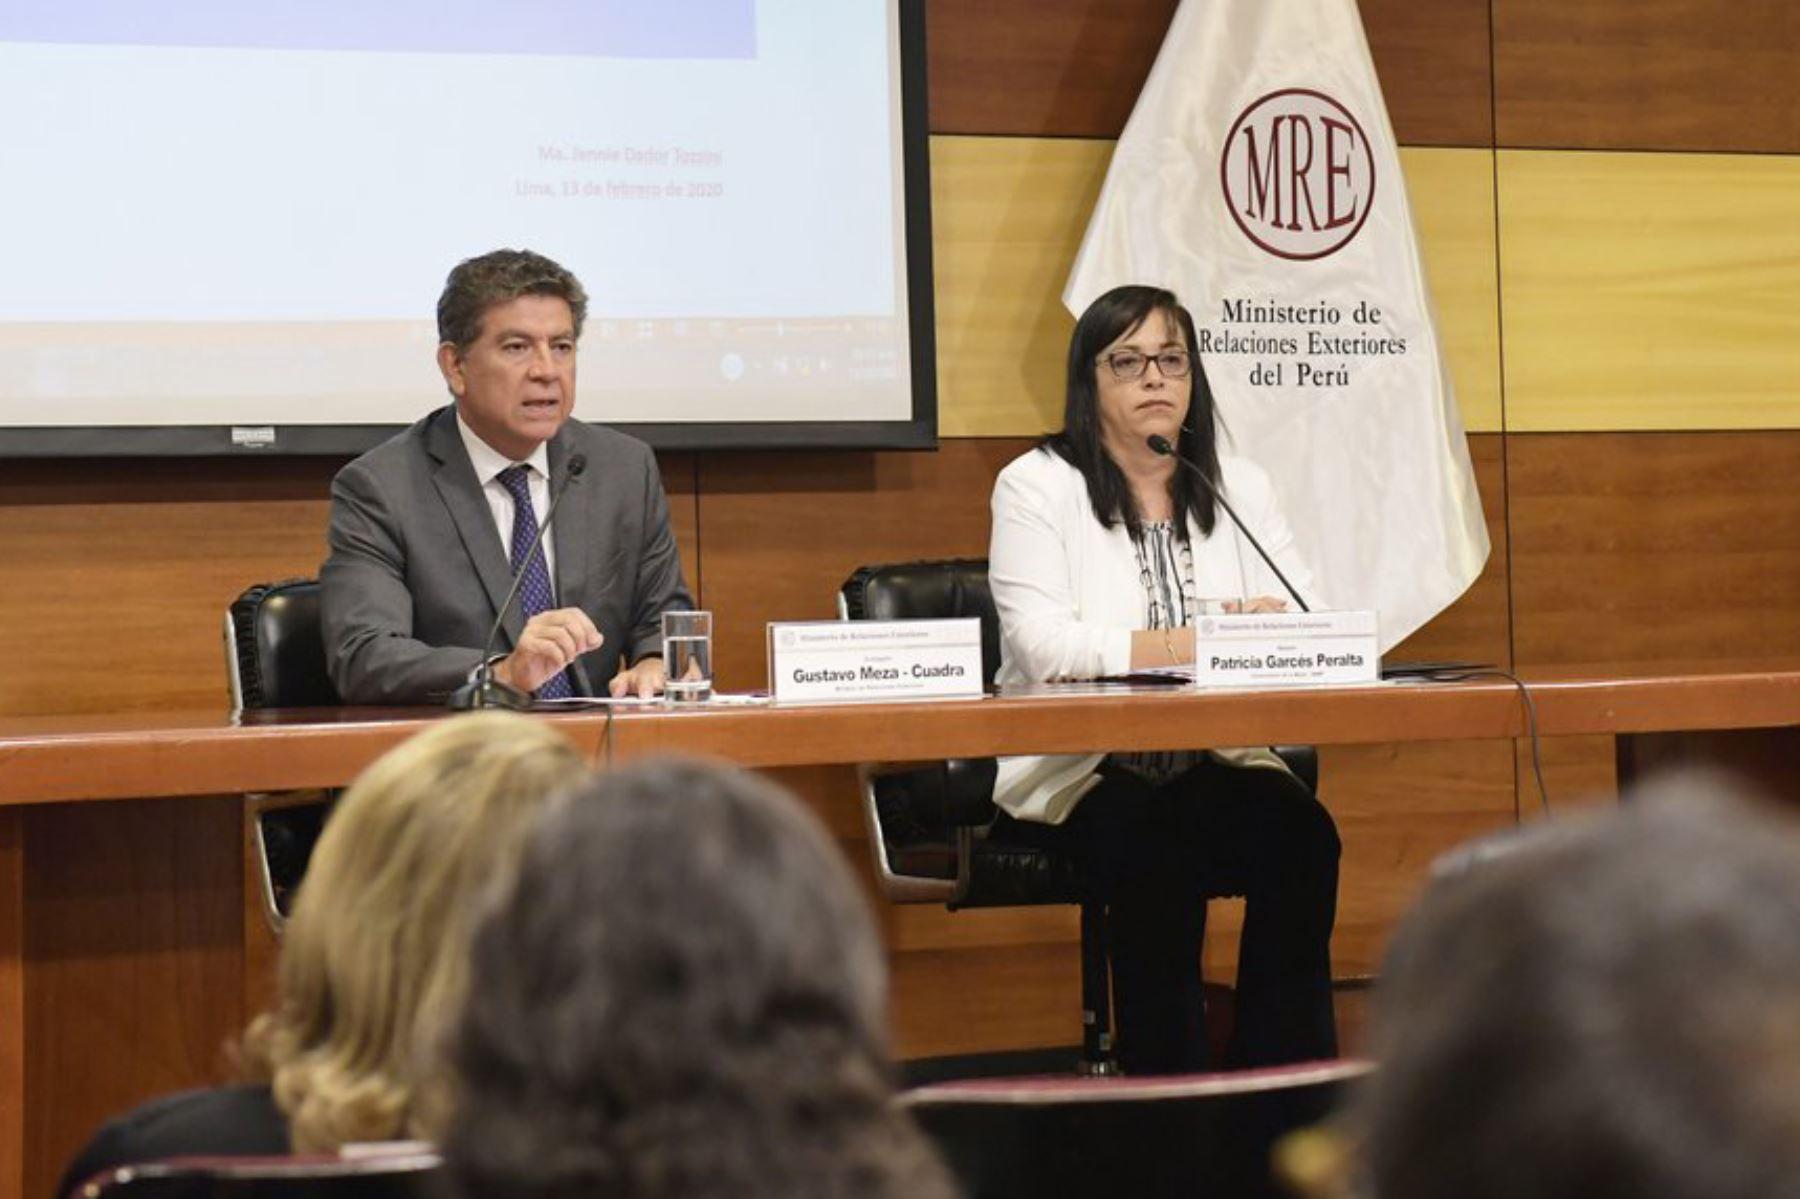 El canciller Meza-Cuadra y la viceministra Garcés inauguraron actividad. Foto:  ANDINA/Difusión